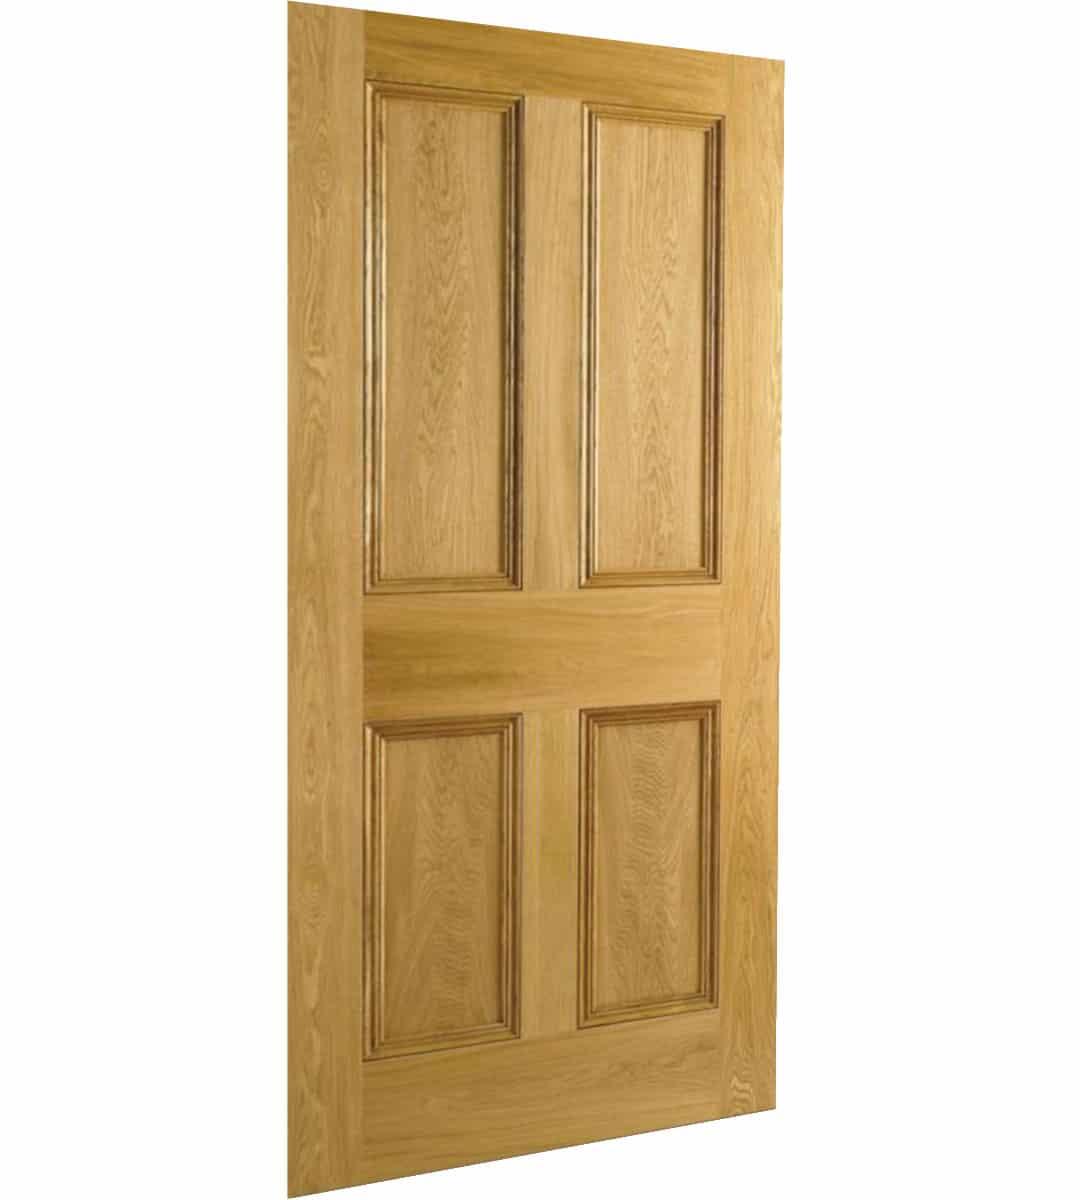 oak-4-panel-door-internal-oak